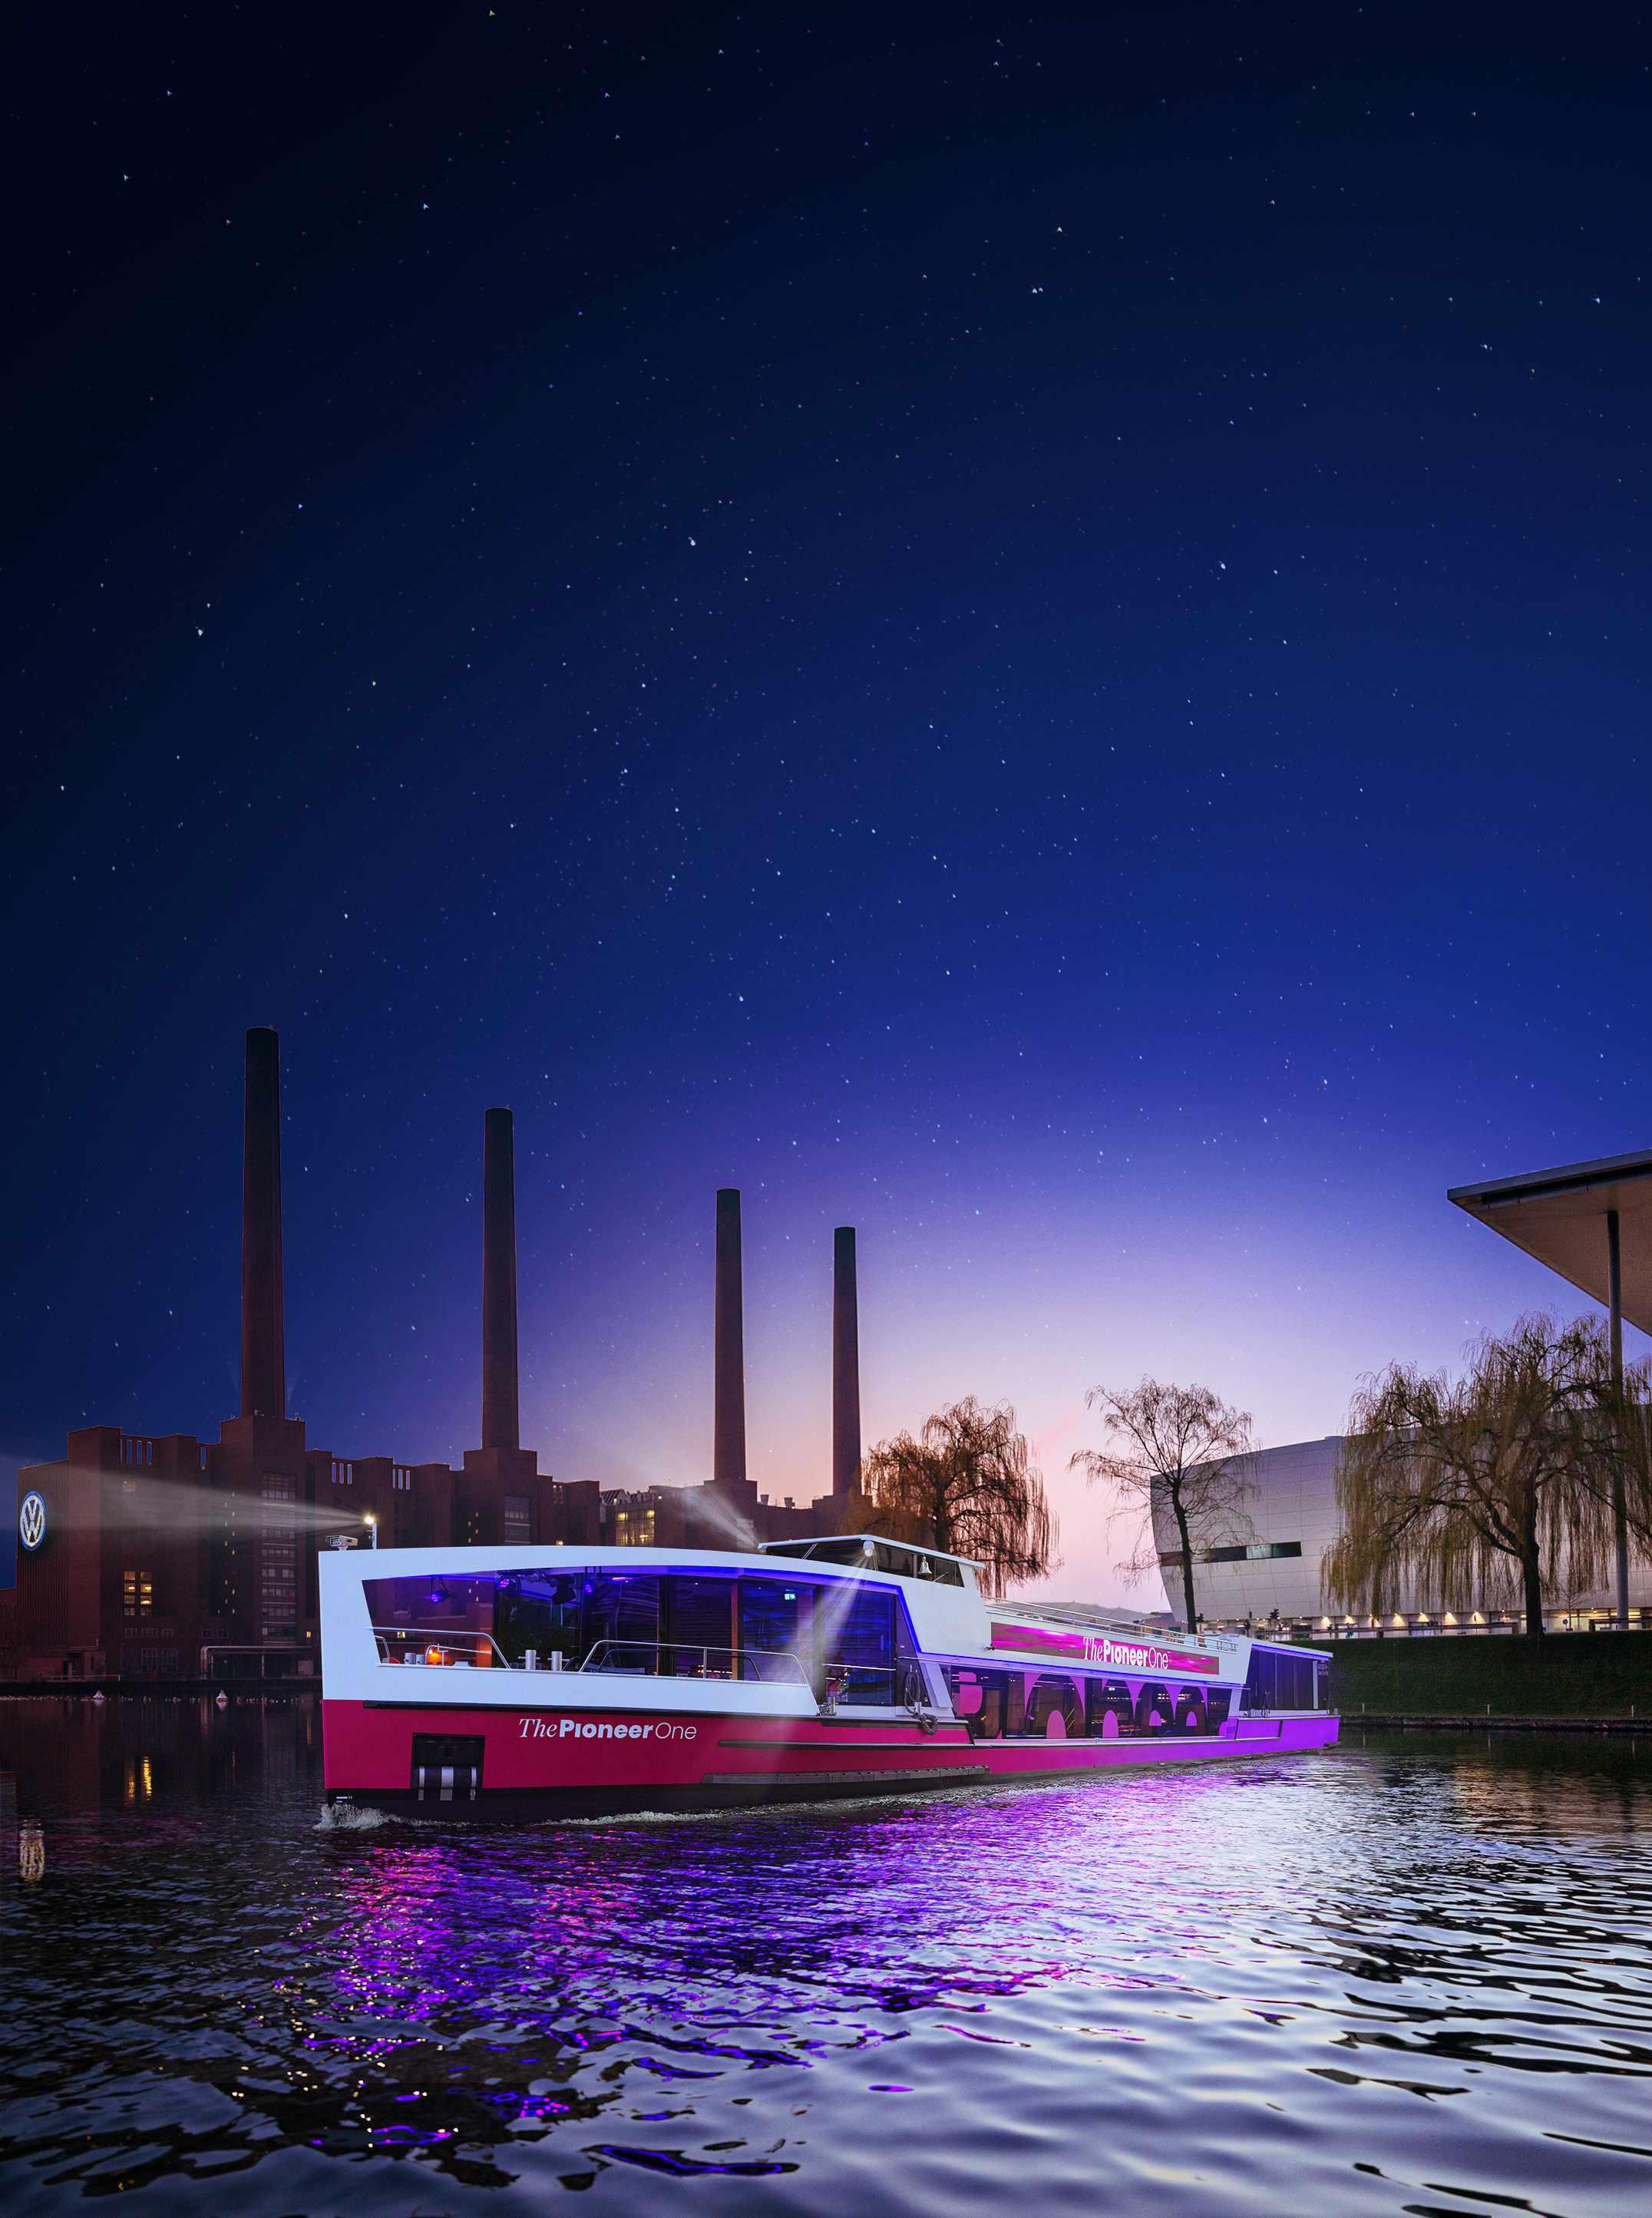 Medienschiff ThePioneerOne vor Skyline von Wolfsburg